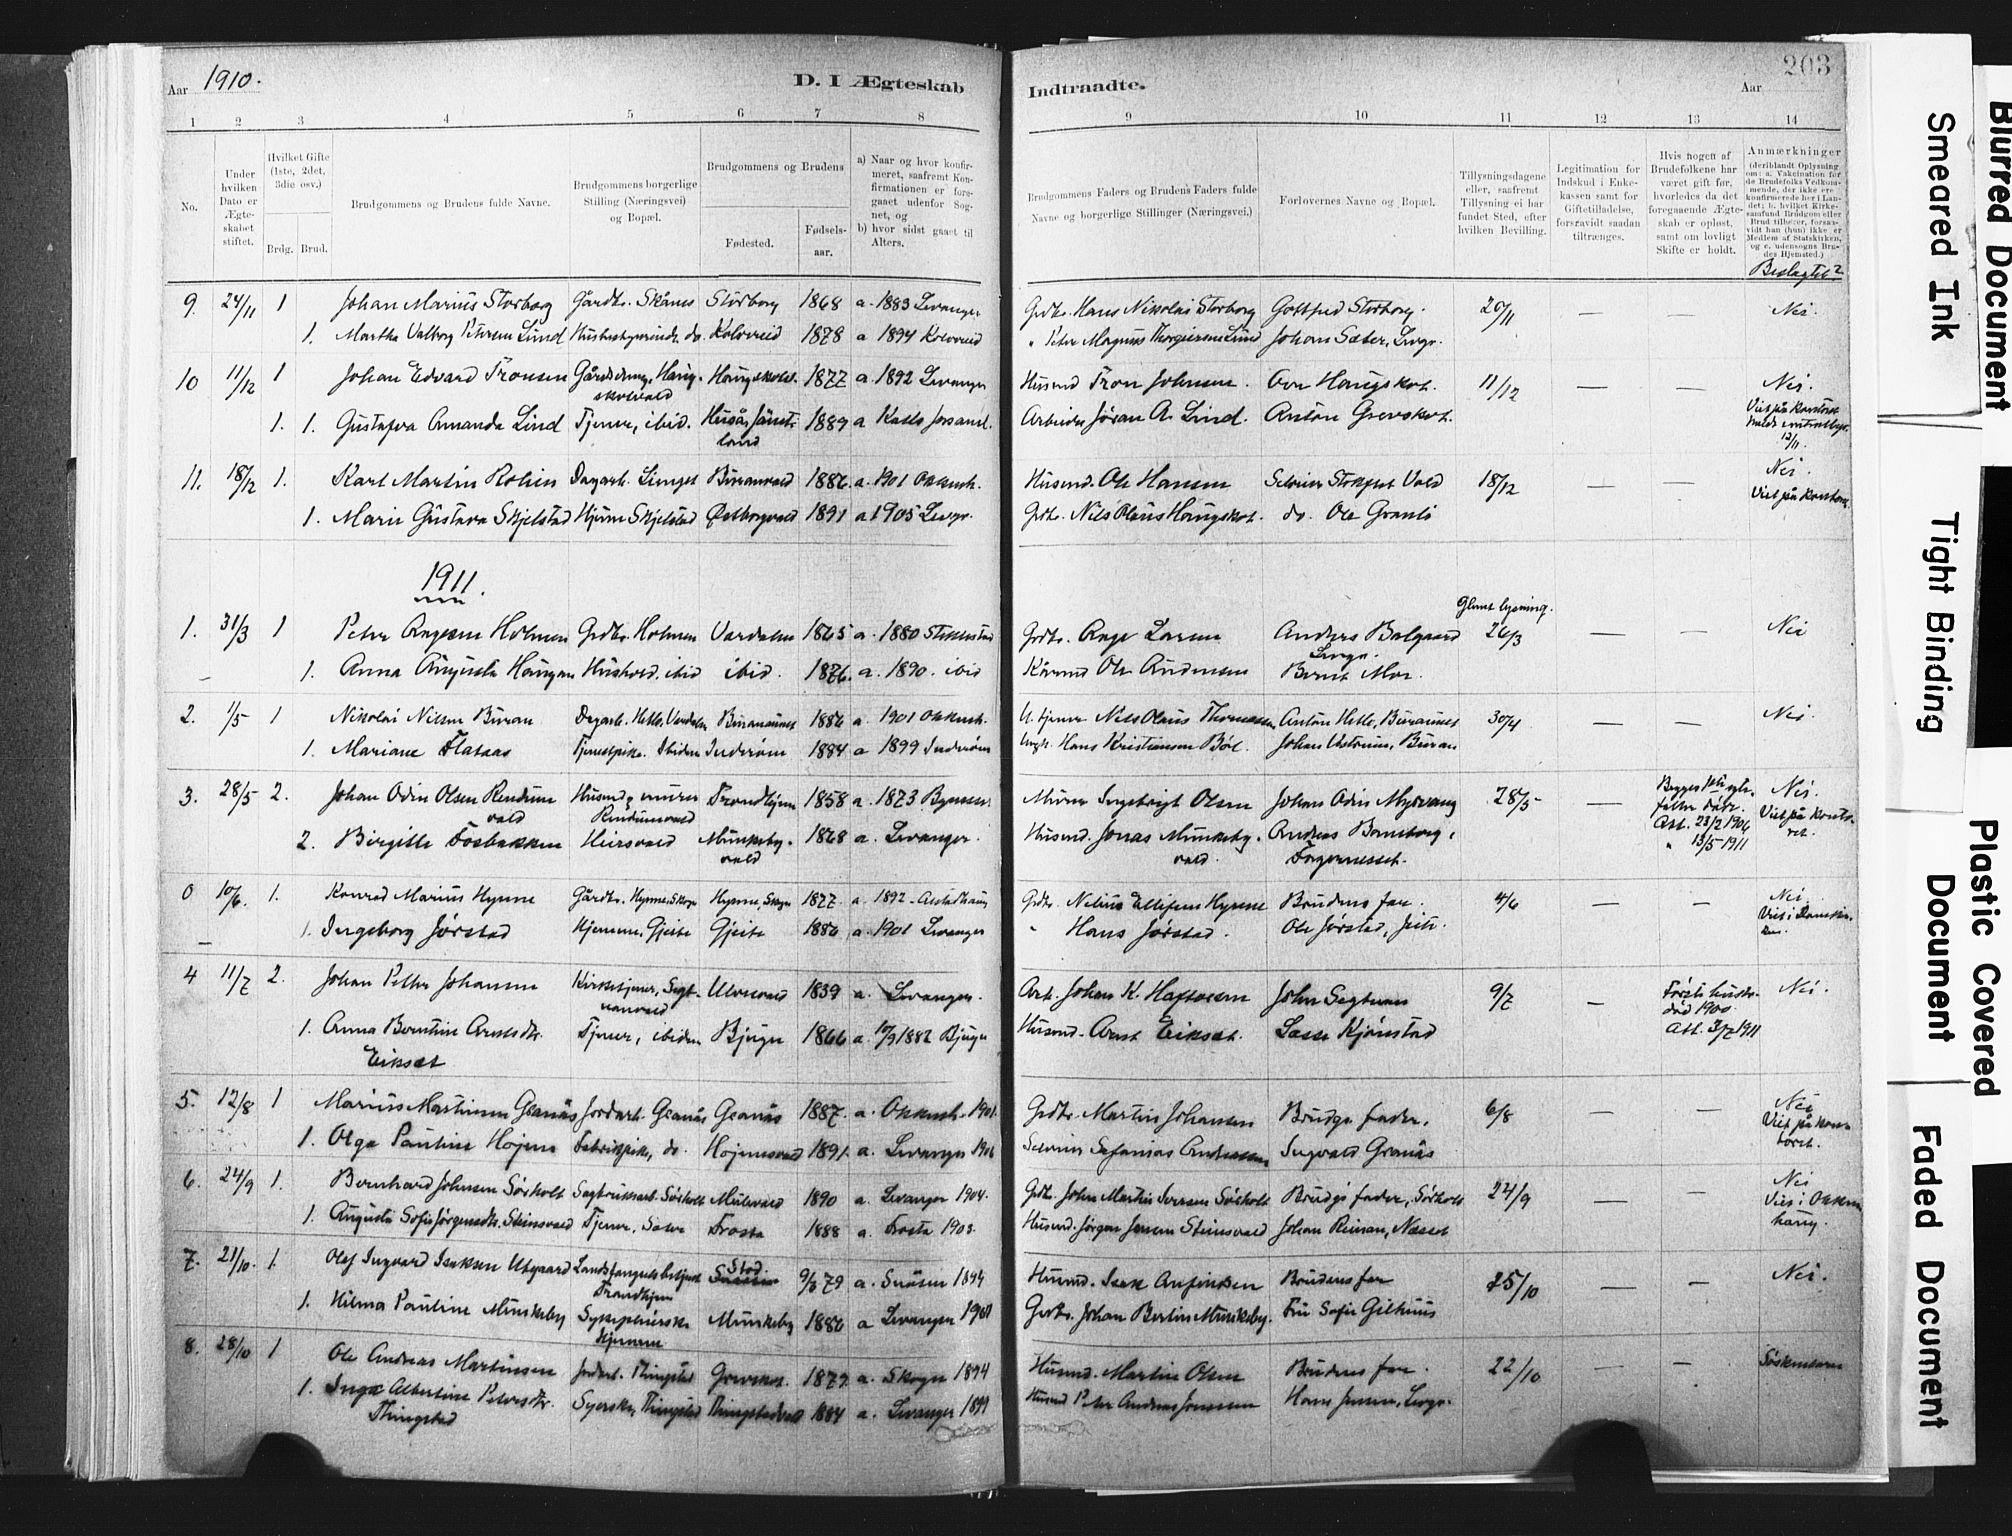 SAT, Ministerialprotokoller, klokkerbøker og fødselsregistre - Nord-Trøndelag, 721/L0207: Ministerialbok nr. 721A02, 1880-1911, s. 203